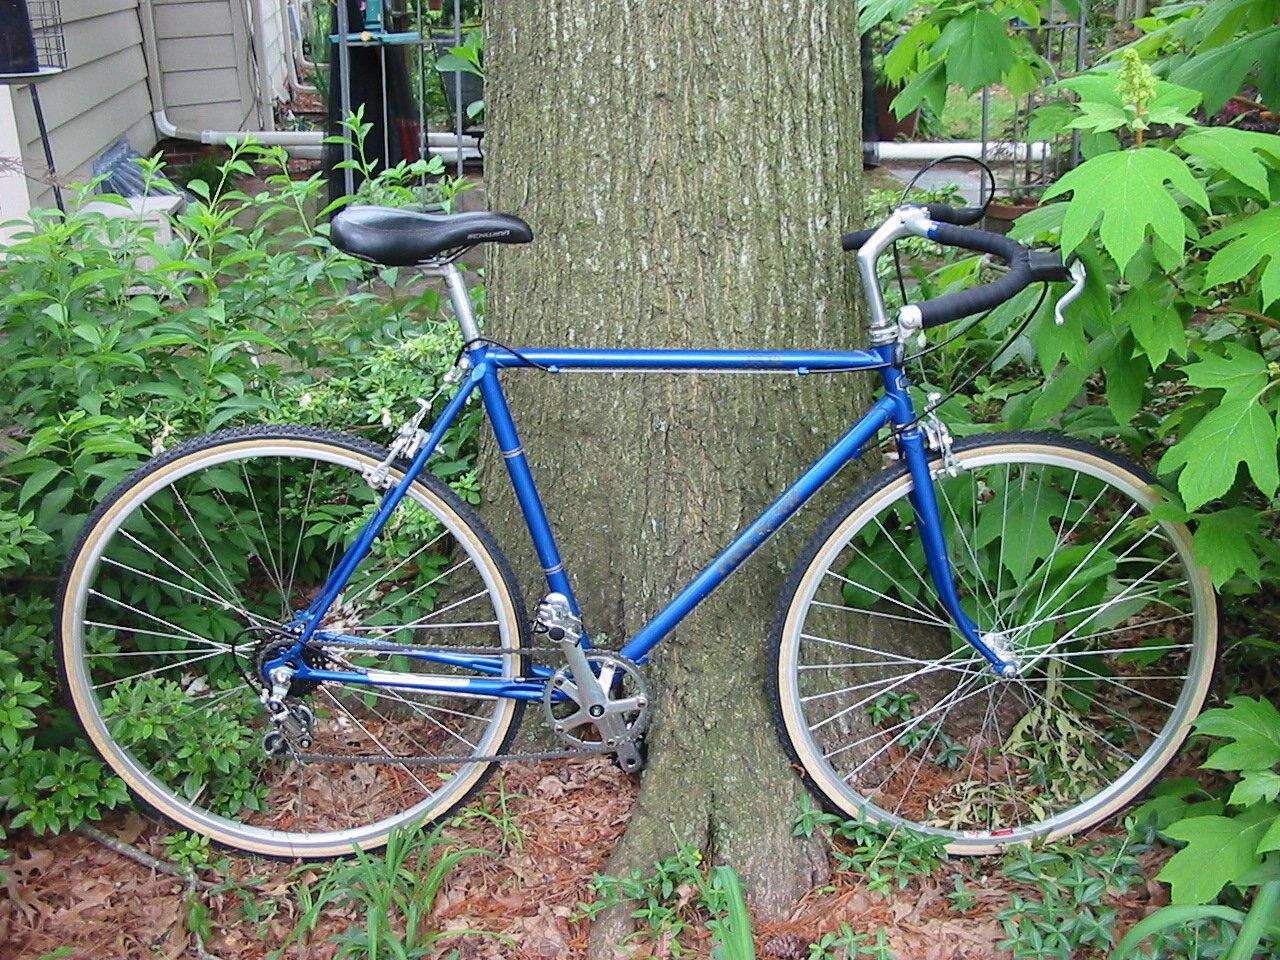 Sears-Roebuck Bicycles - Gem or Junk? - Bike Forums